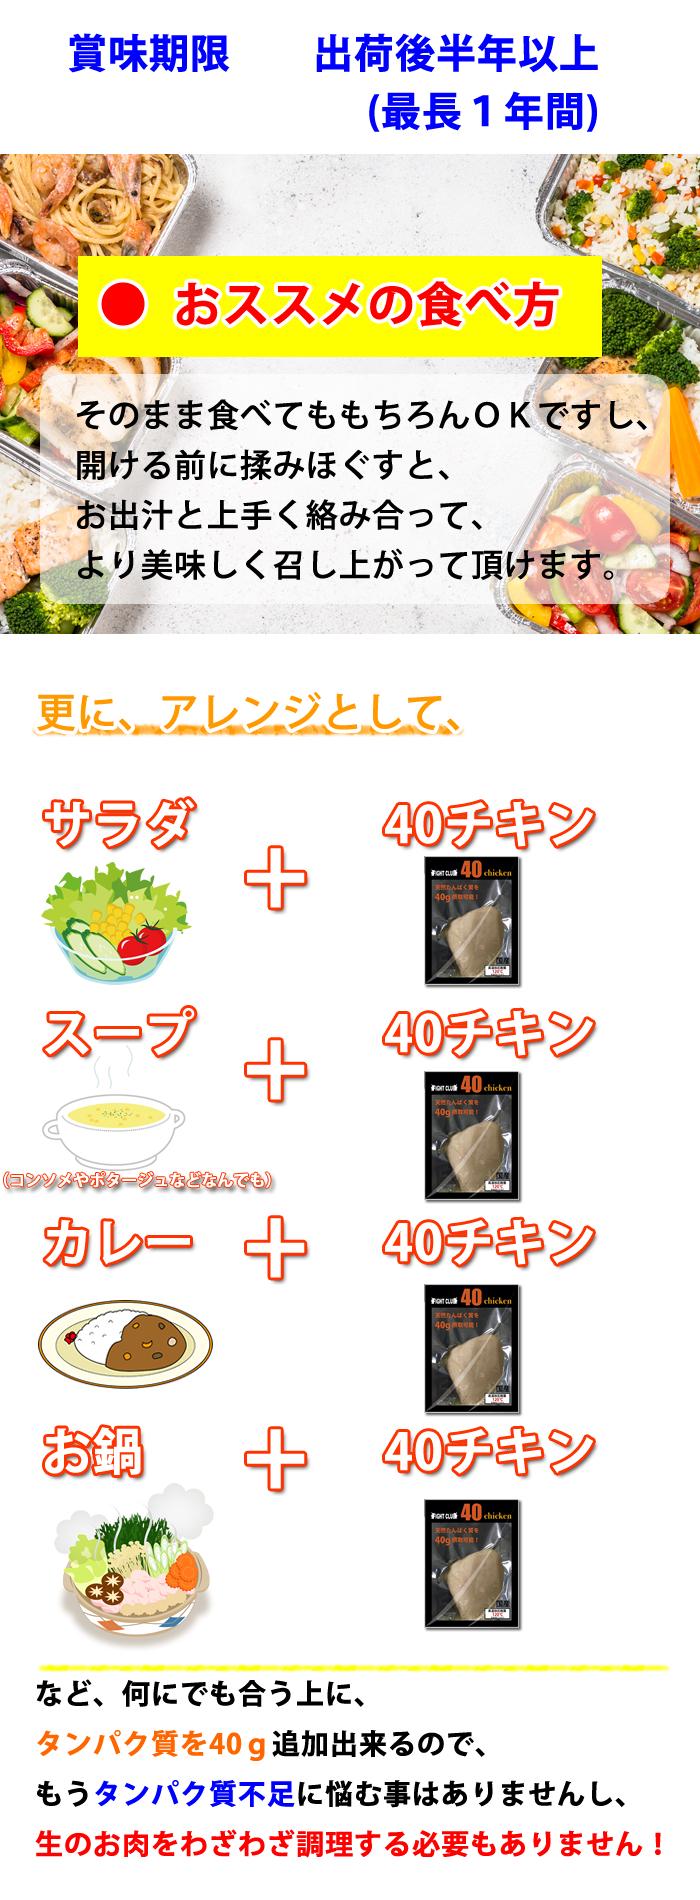 40チキン食べ方1